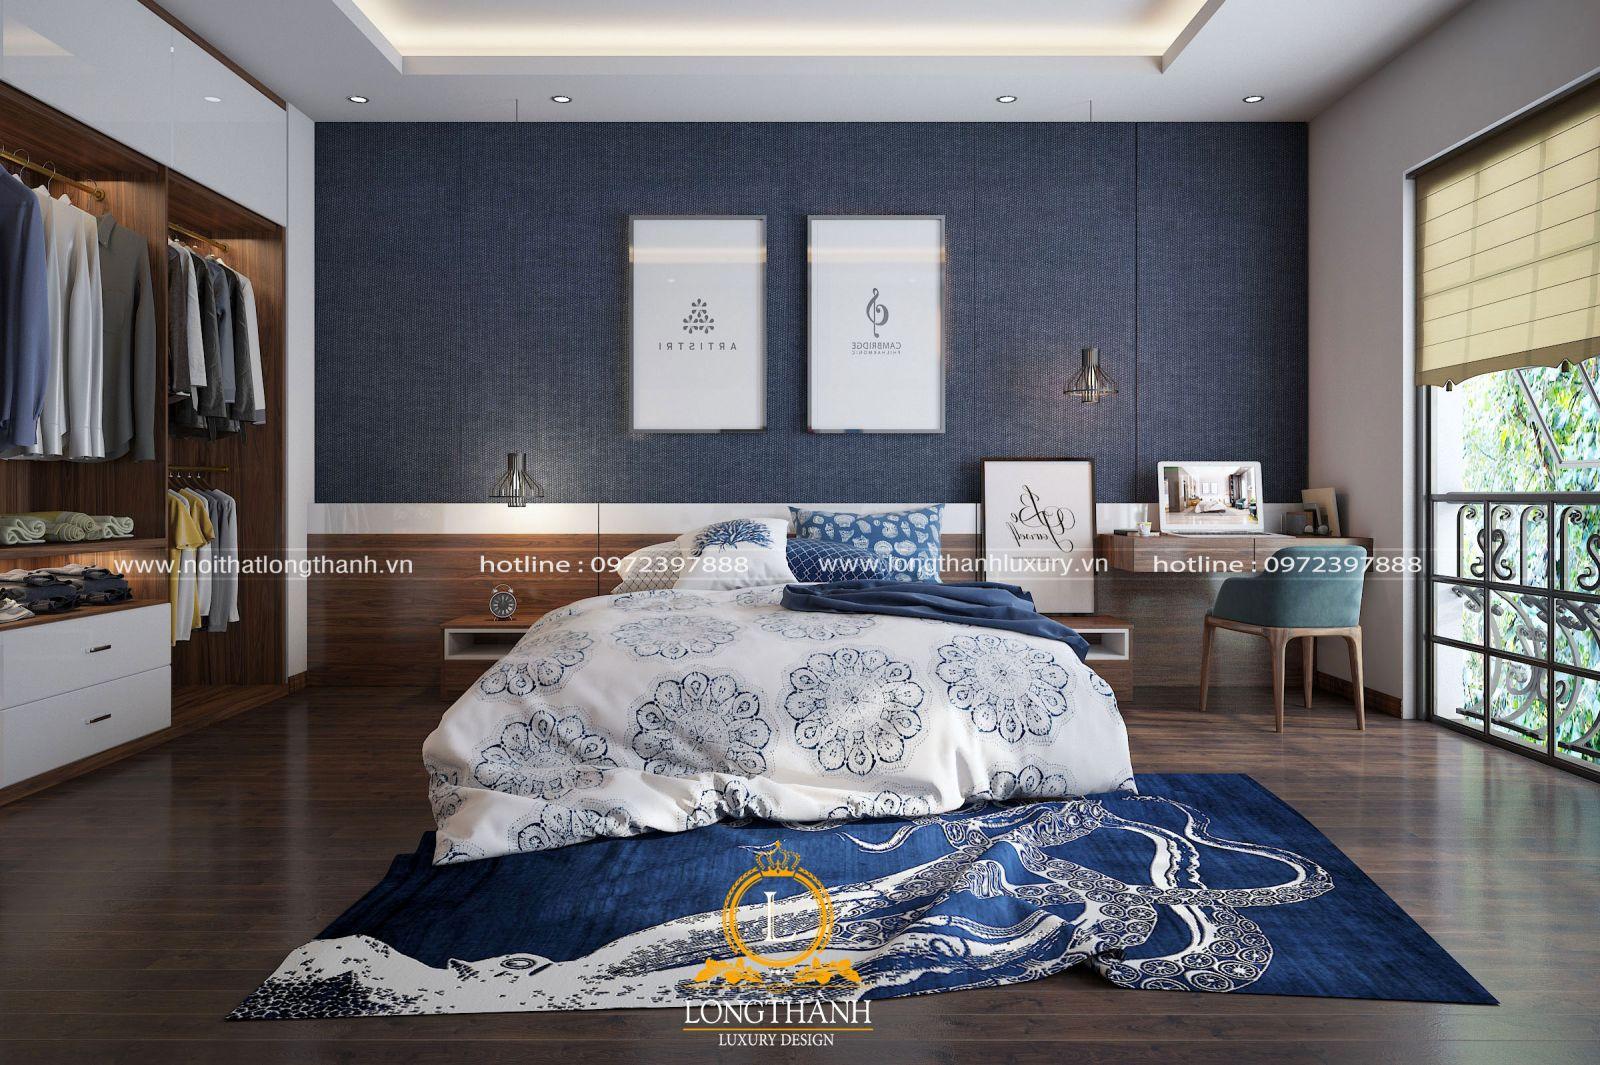 Nội thất phòng ngủ xanh dương cá tính